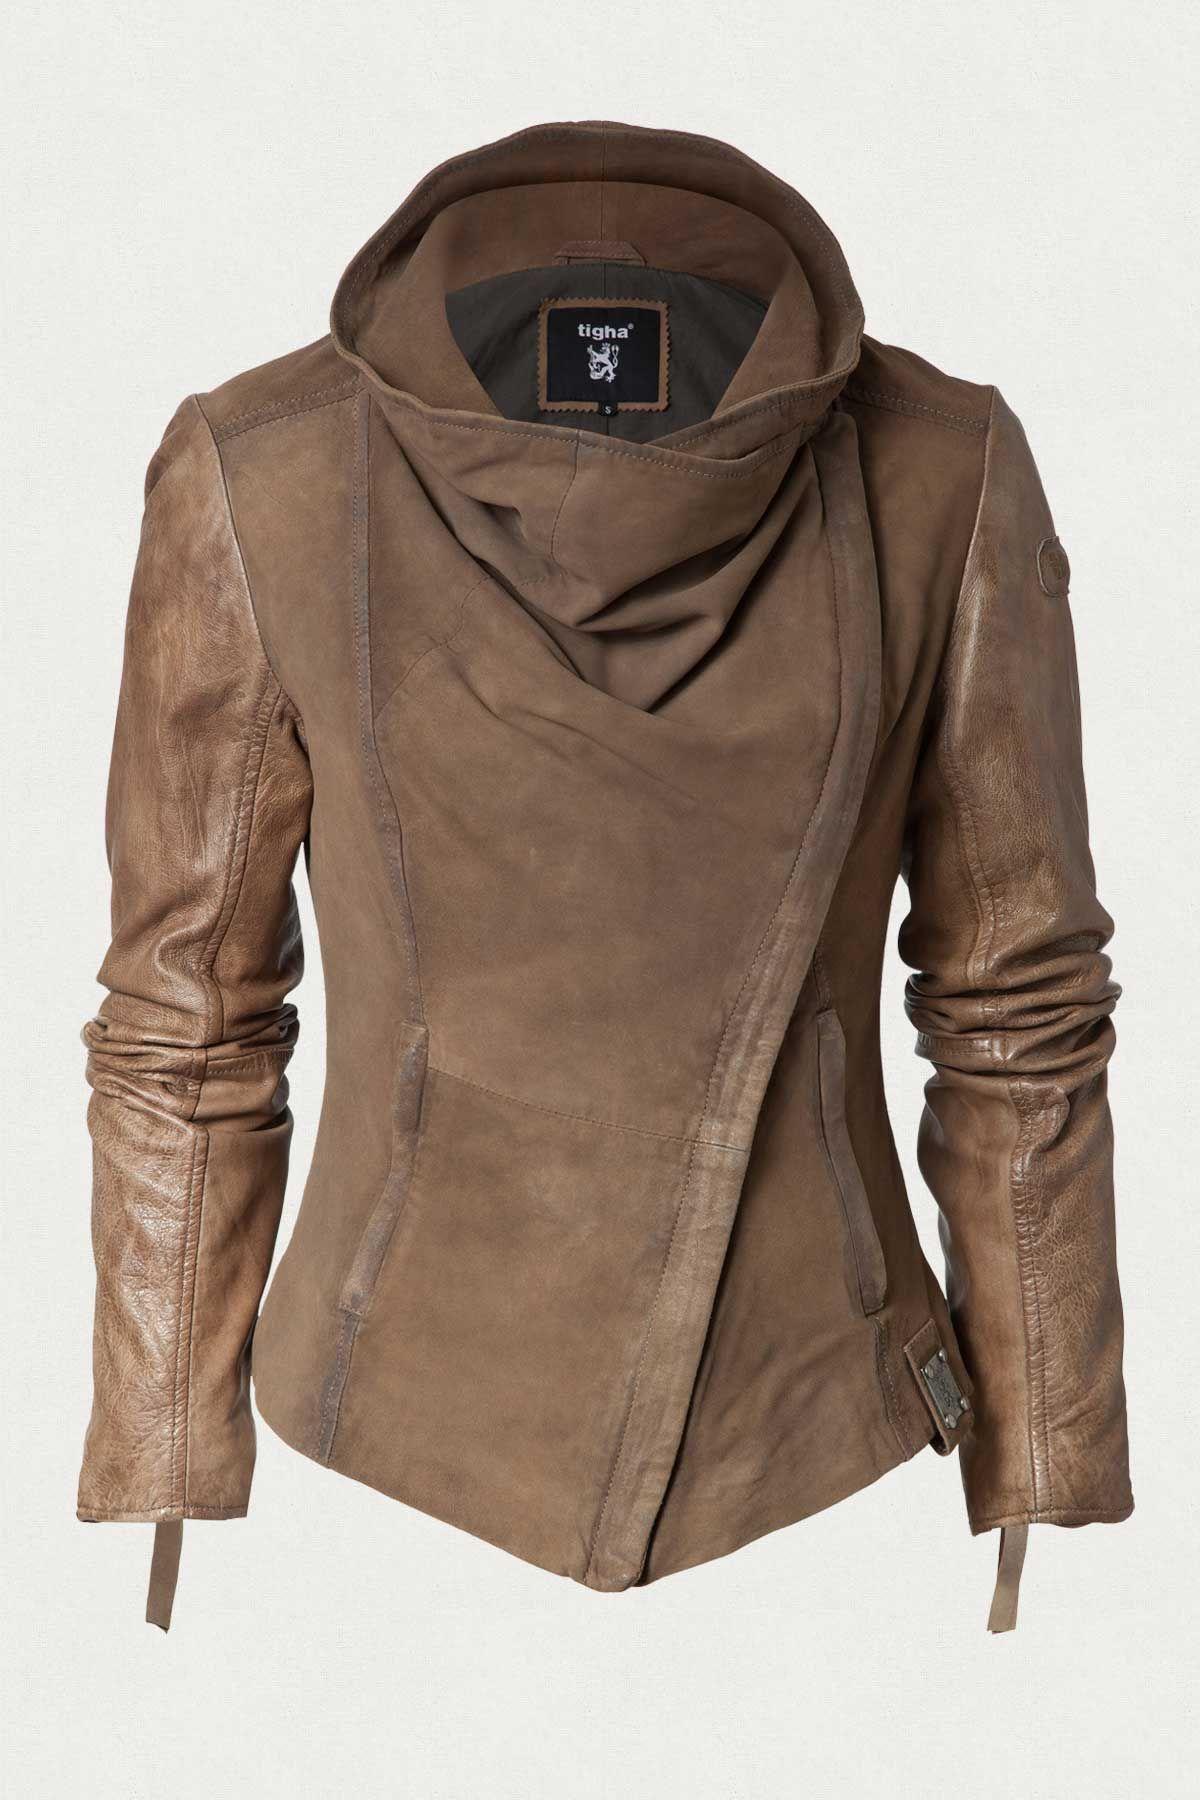 24d61cac71b Tigha Female Jackets HW 2013-14 | That Jacket! in 2019 | Fashion ...